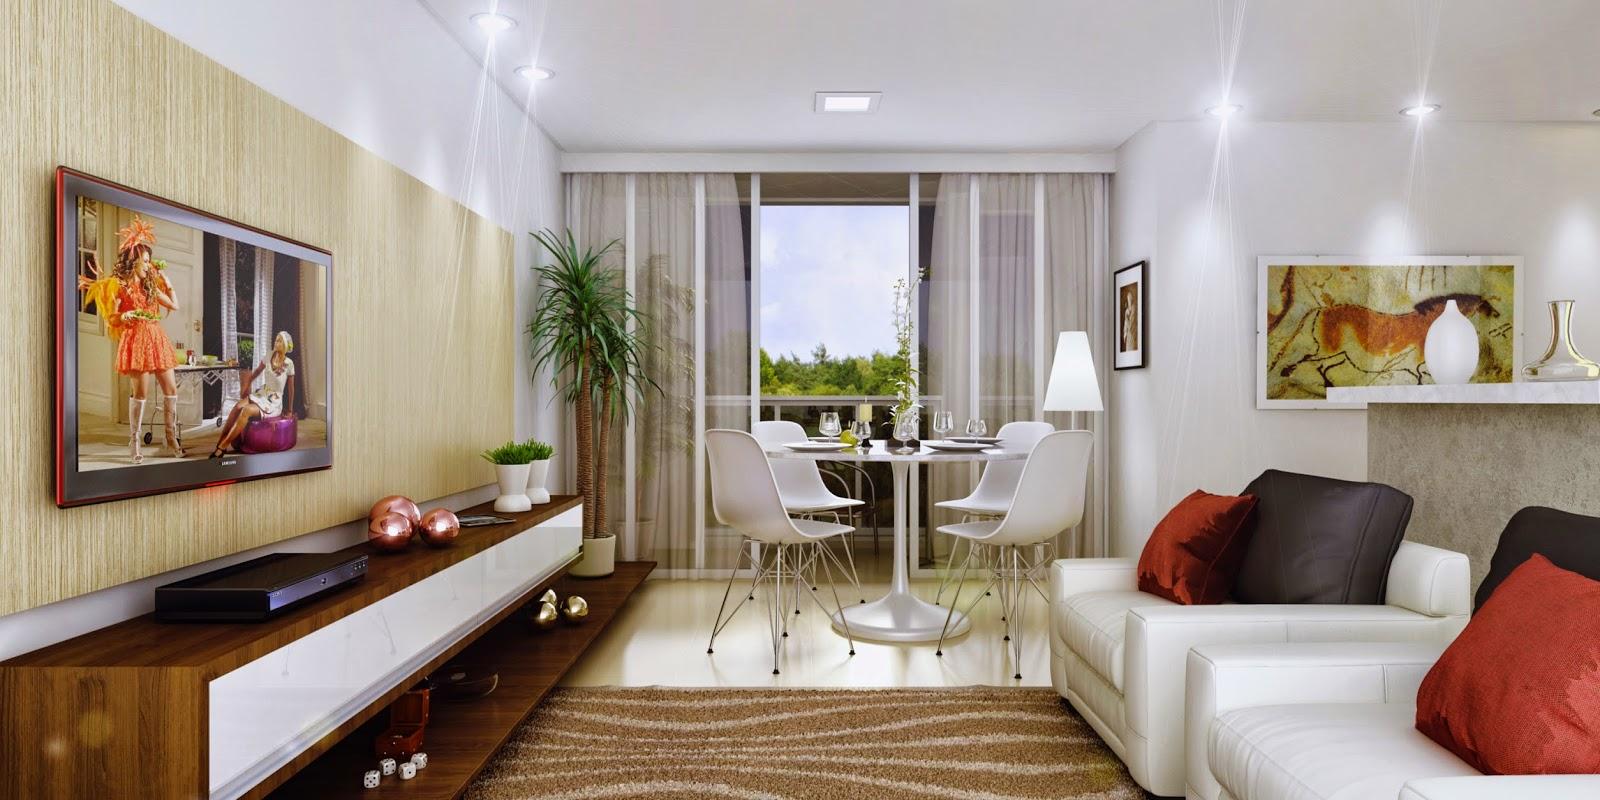 Dica Tapete Sala Pequena ~  Apê Dica Aprendendo a utilizar melhor o espaço da sala integrada